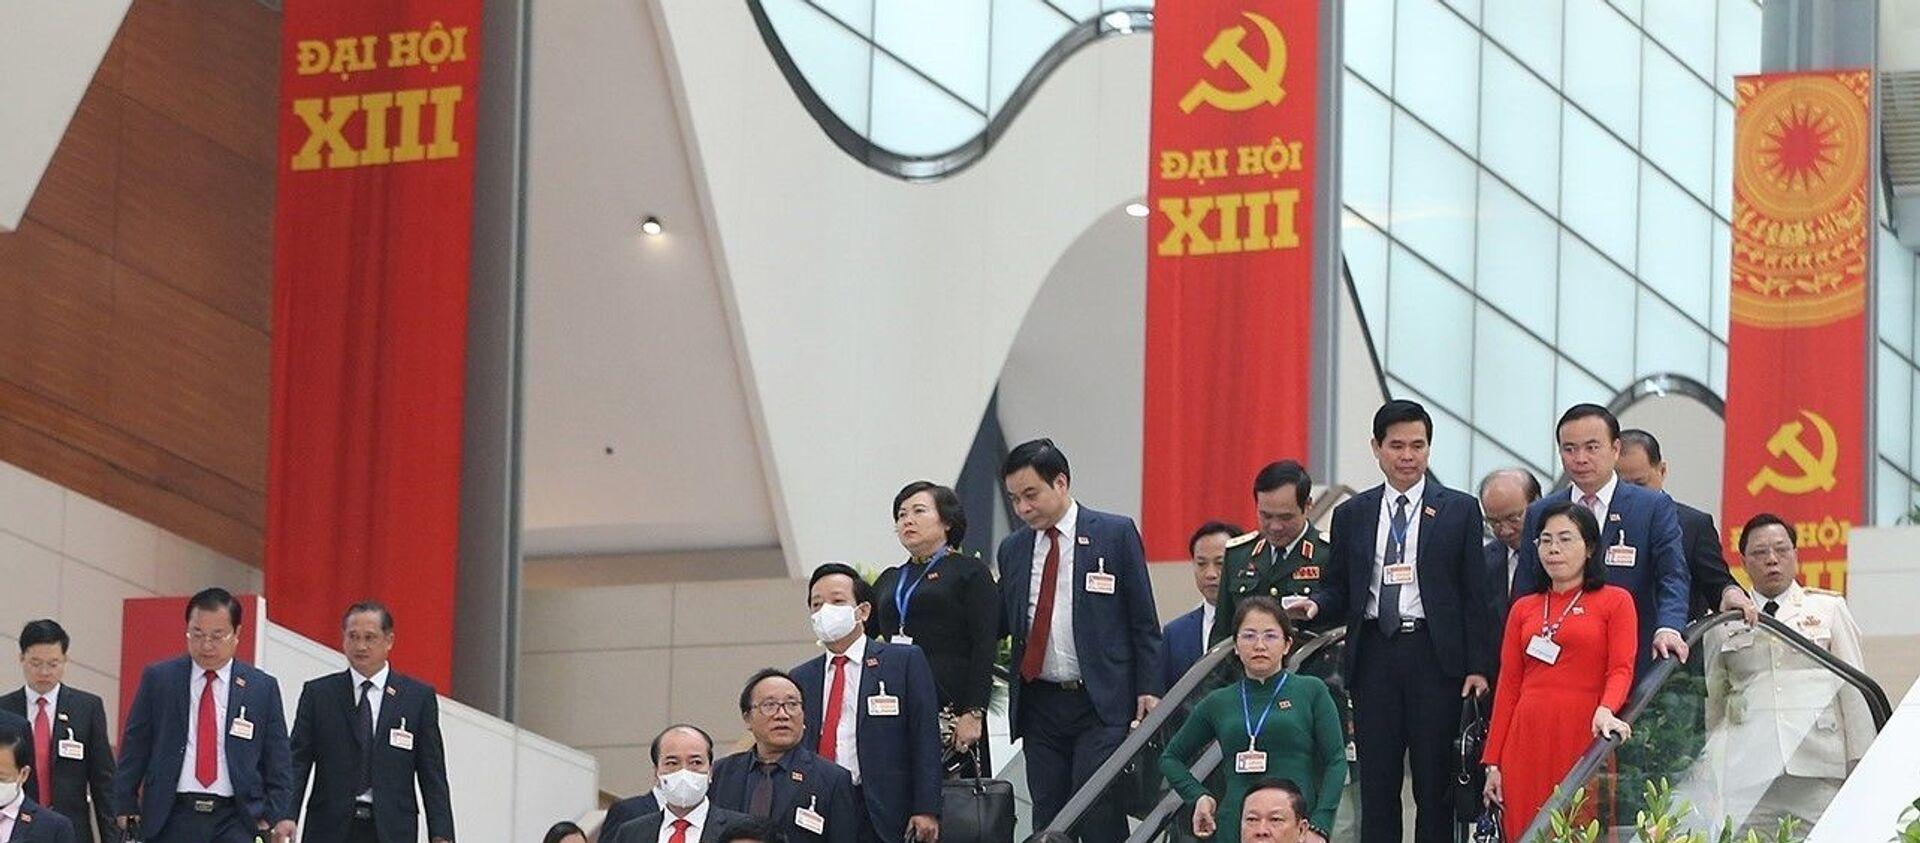 Các đại biểu kết thúc phiên họp sáng 30/1.  - Sputnik Việt Nam, 1920, 26.02.2021